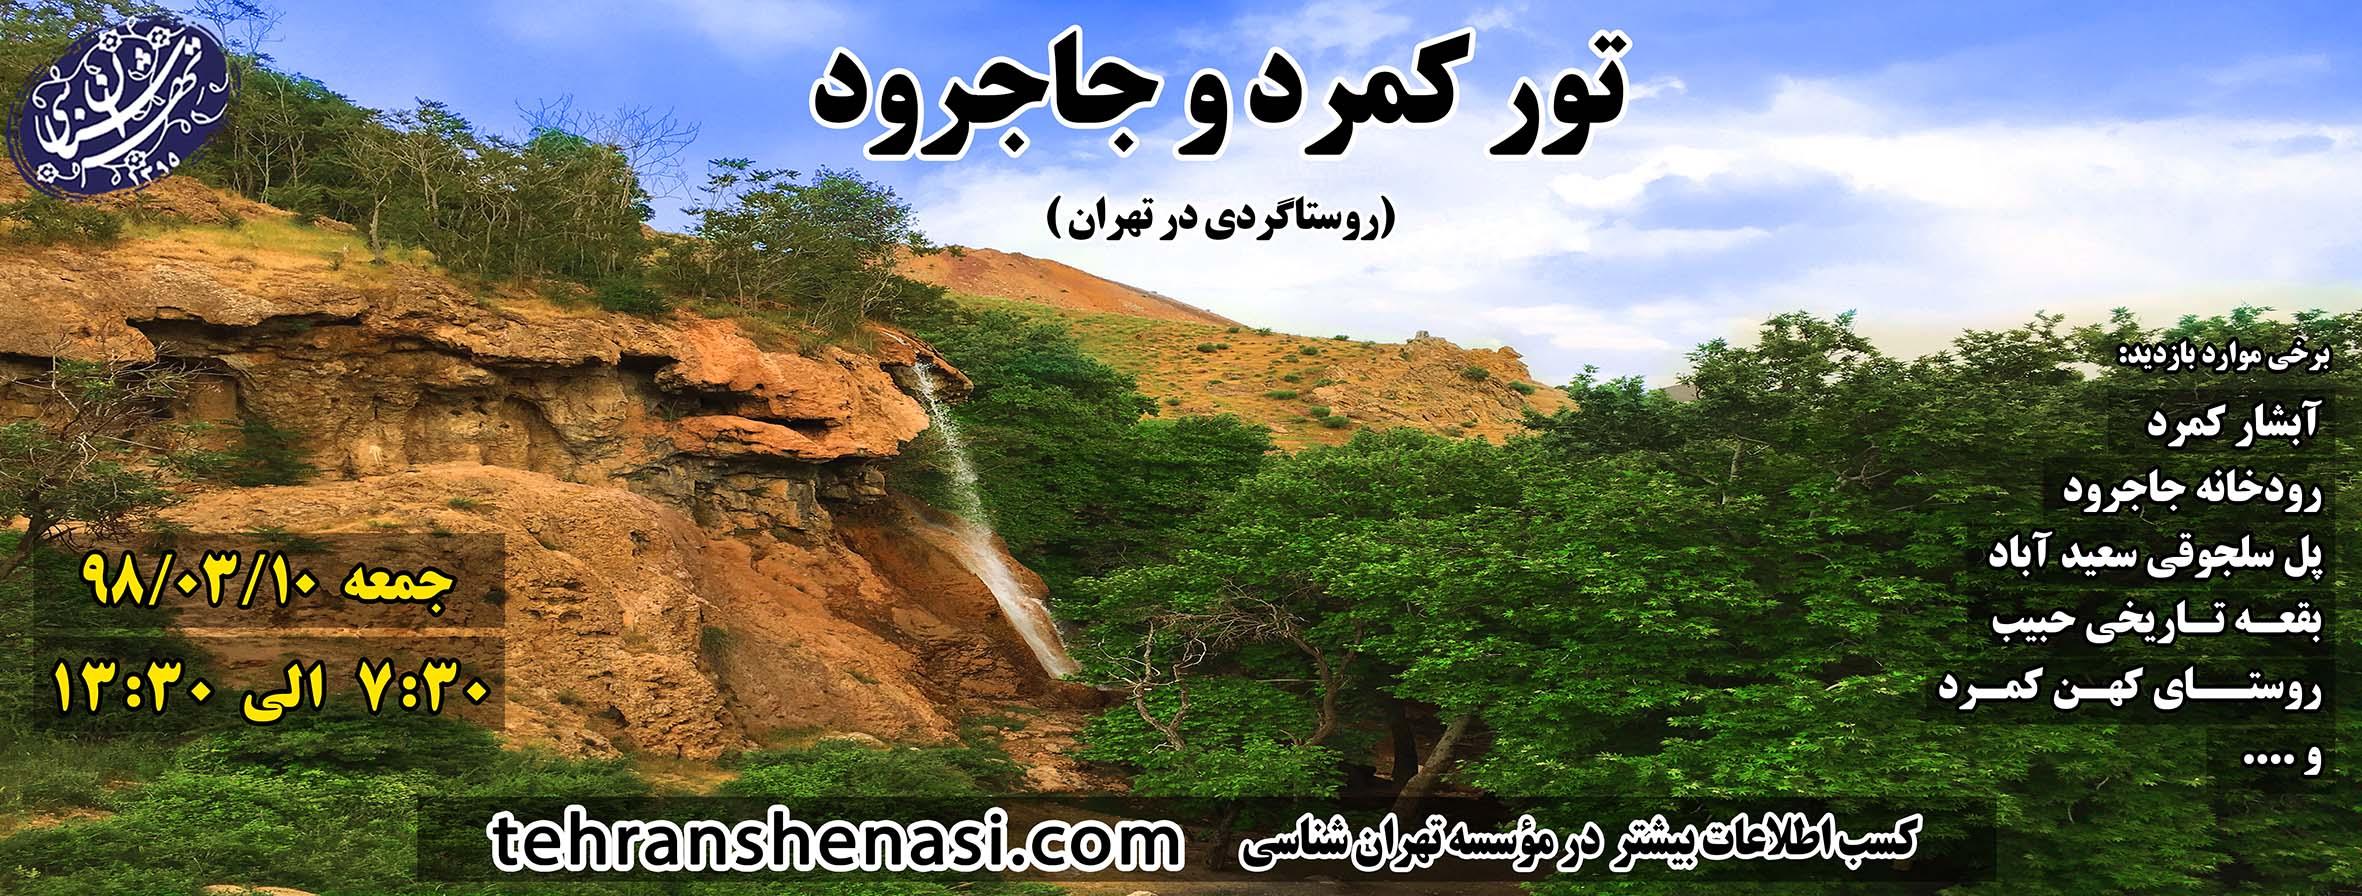 آبشار کمرد و جاجرود_تهران شناسی